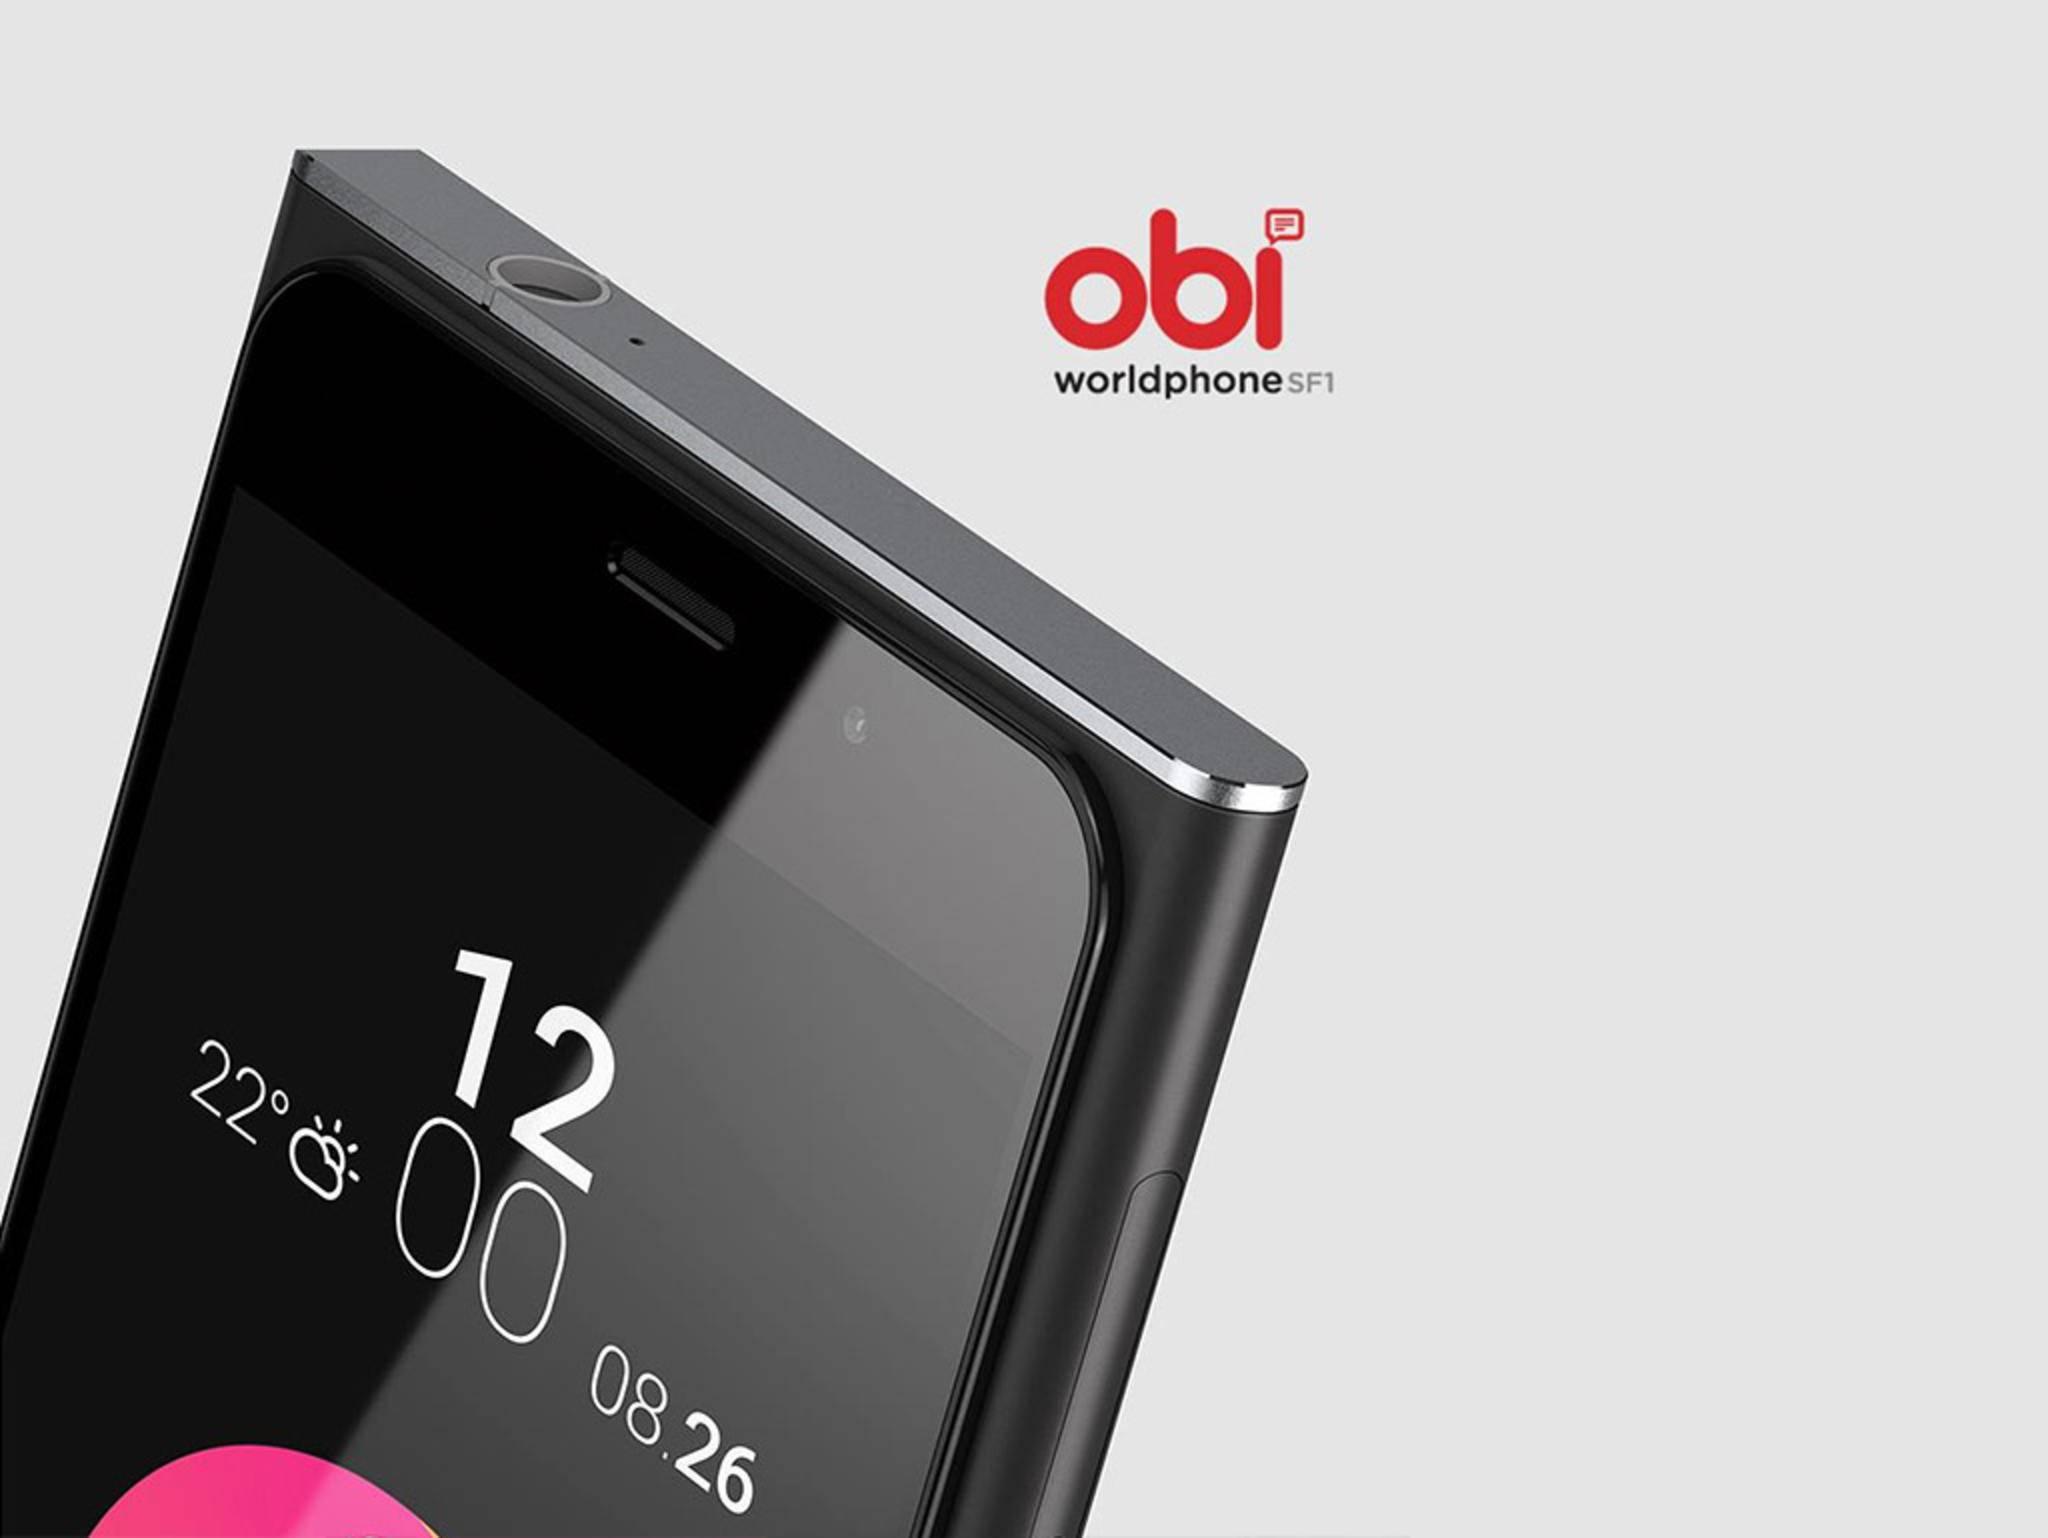 Der ehemalige Apple-Chef will mit Obi Worldphone eine eigene Marke etablieren.